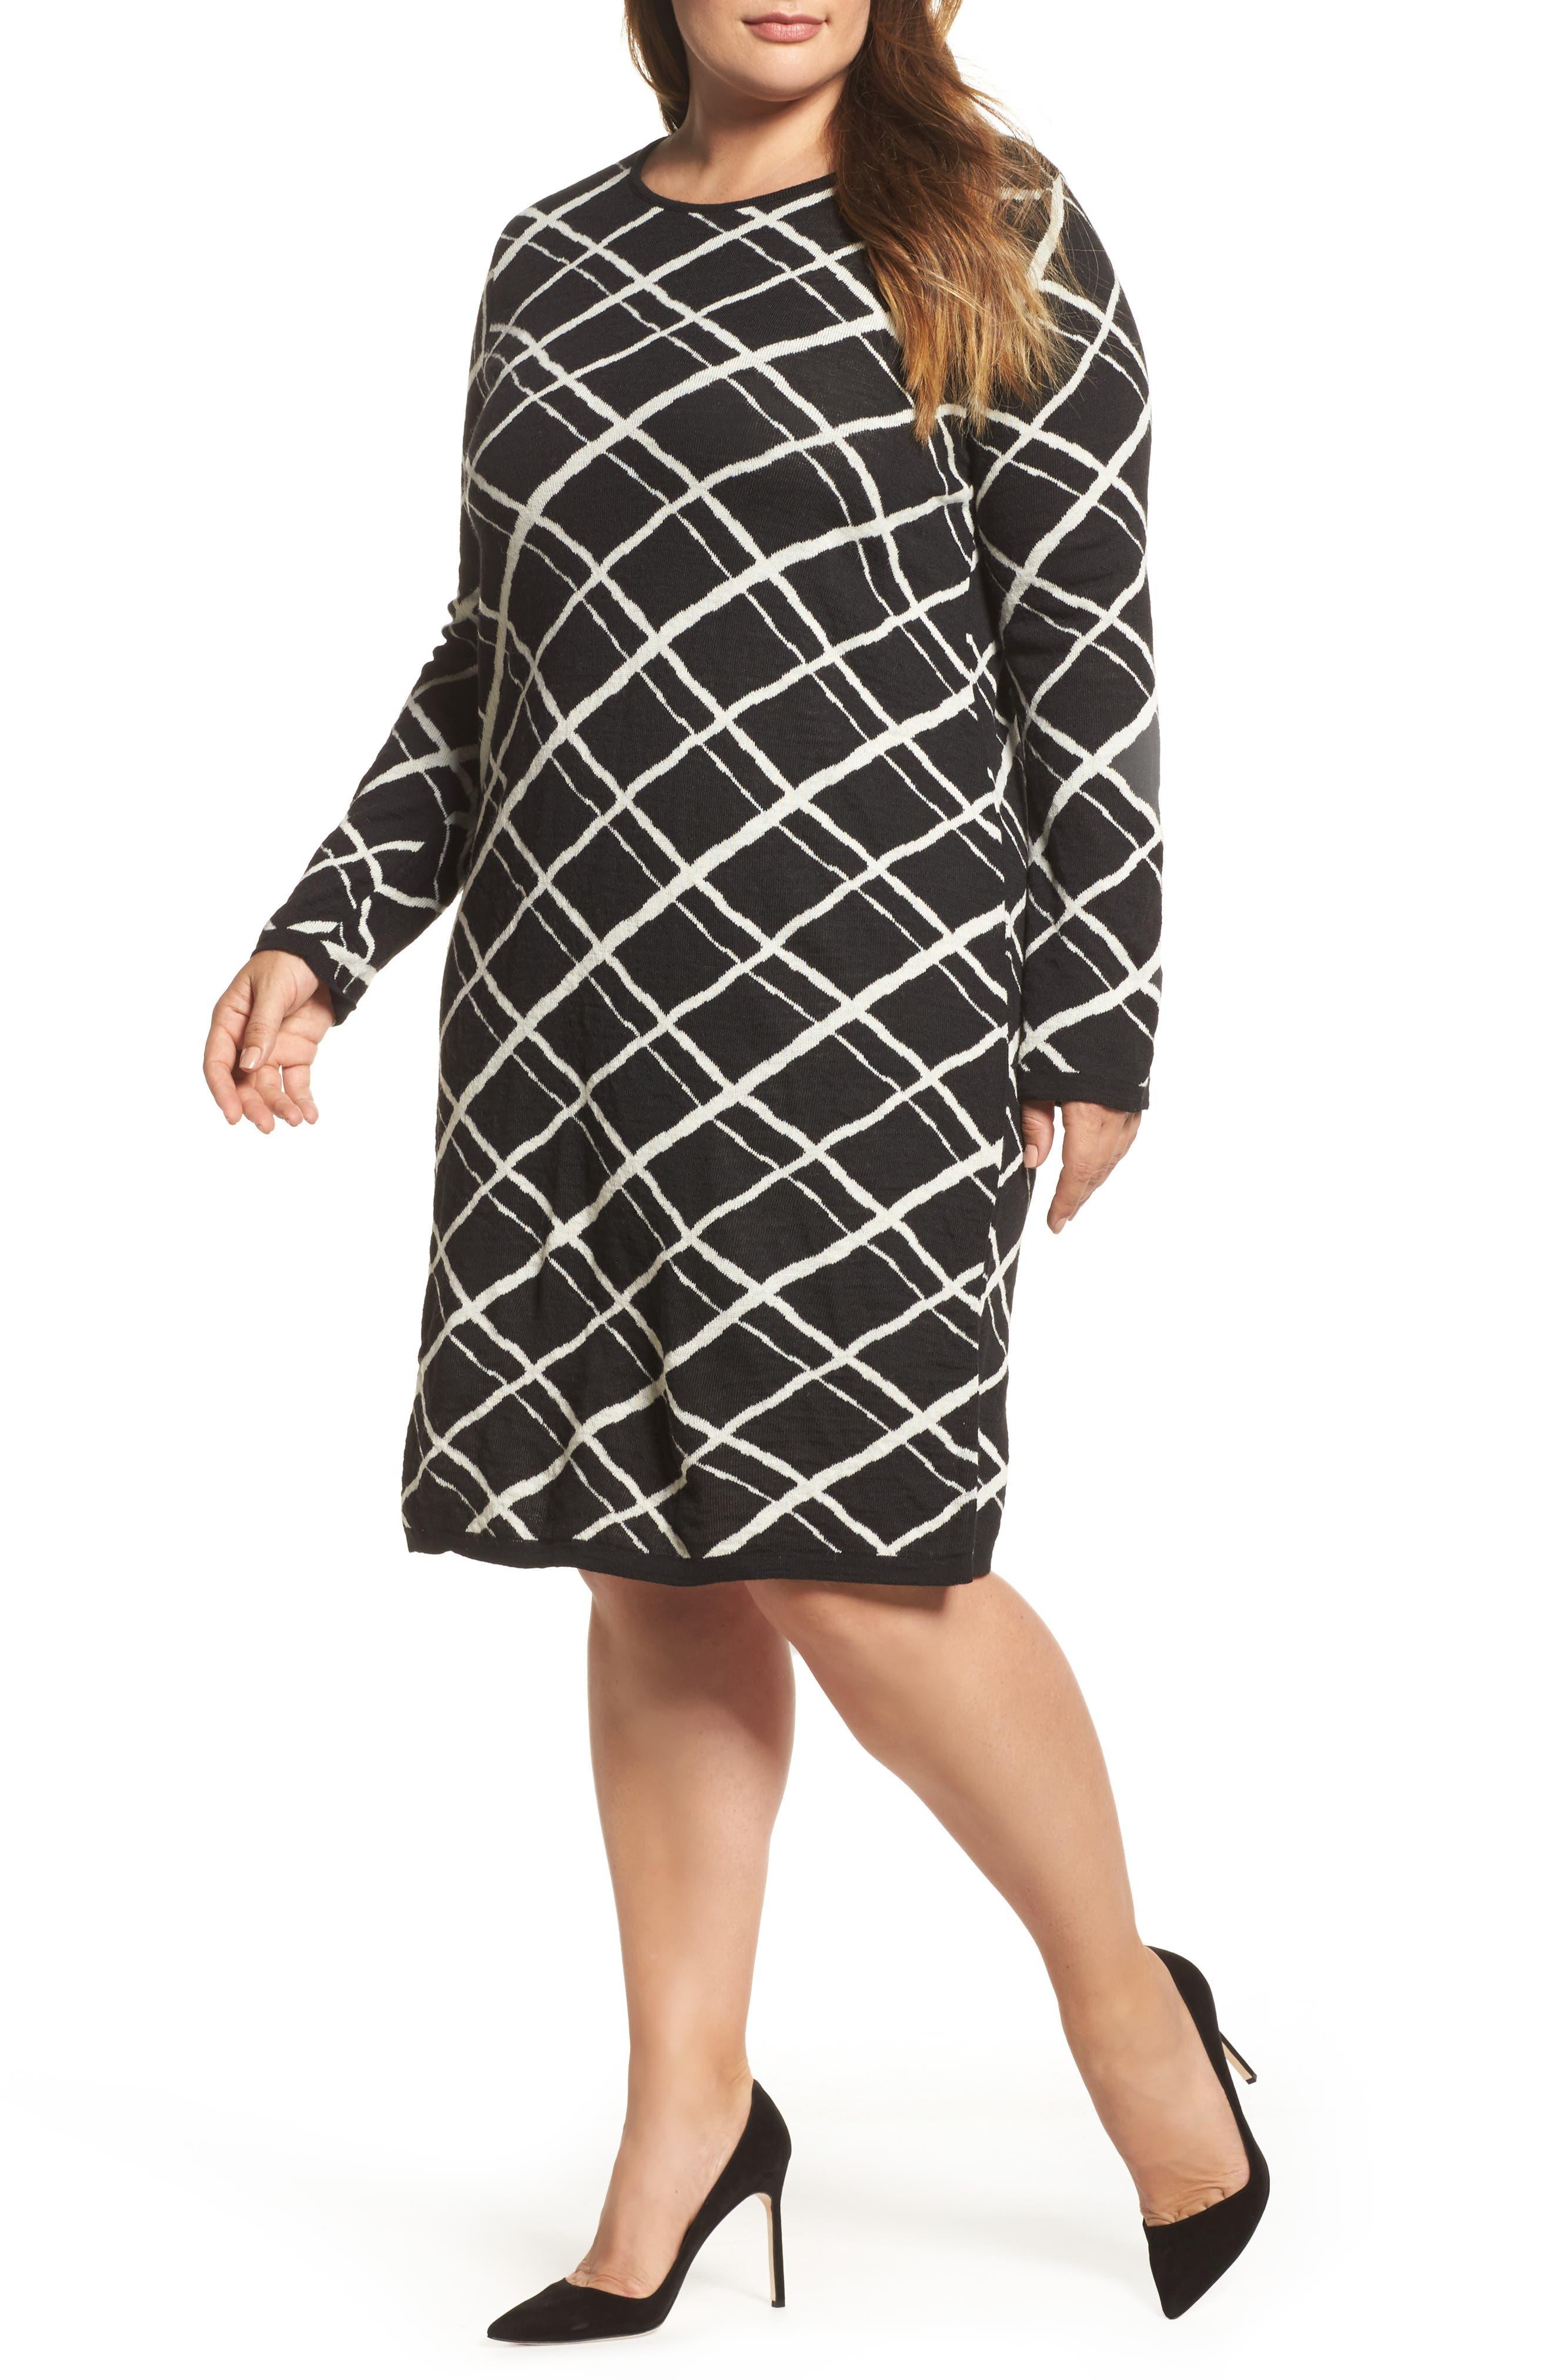 Main Image - Persona by Marina Rinaldi Genesi Checkered Knit Dress (Plus Size)